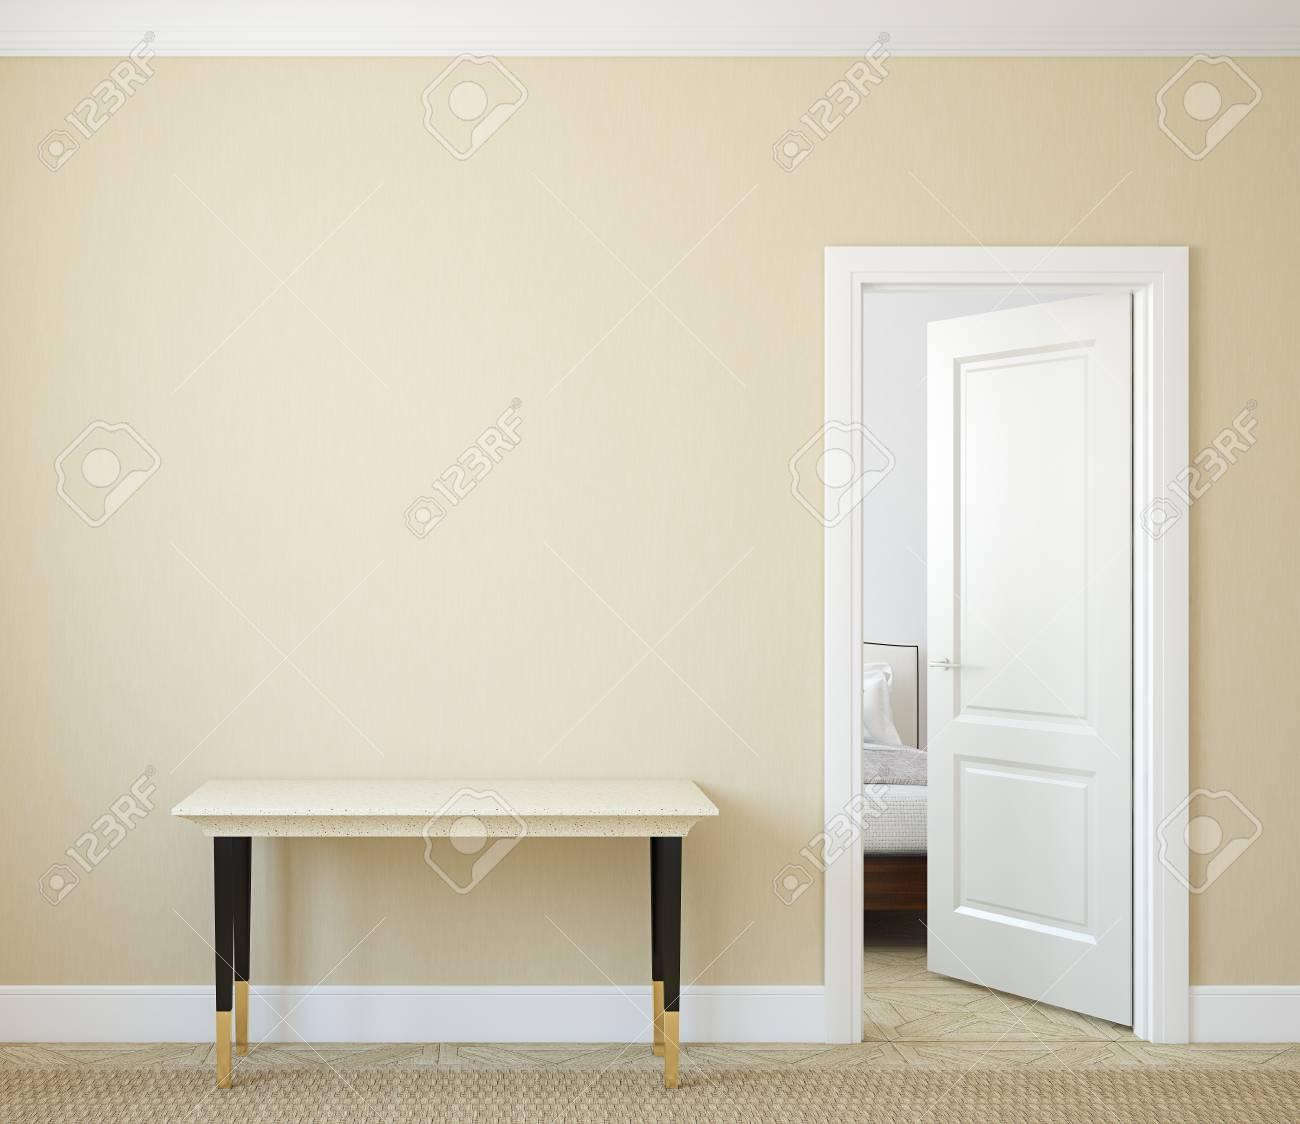 Modern hallway with open door. 3d render. - 45647962